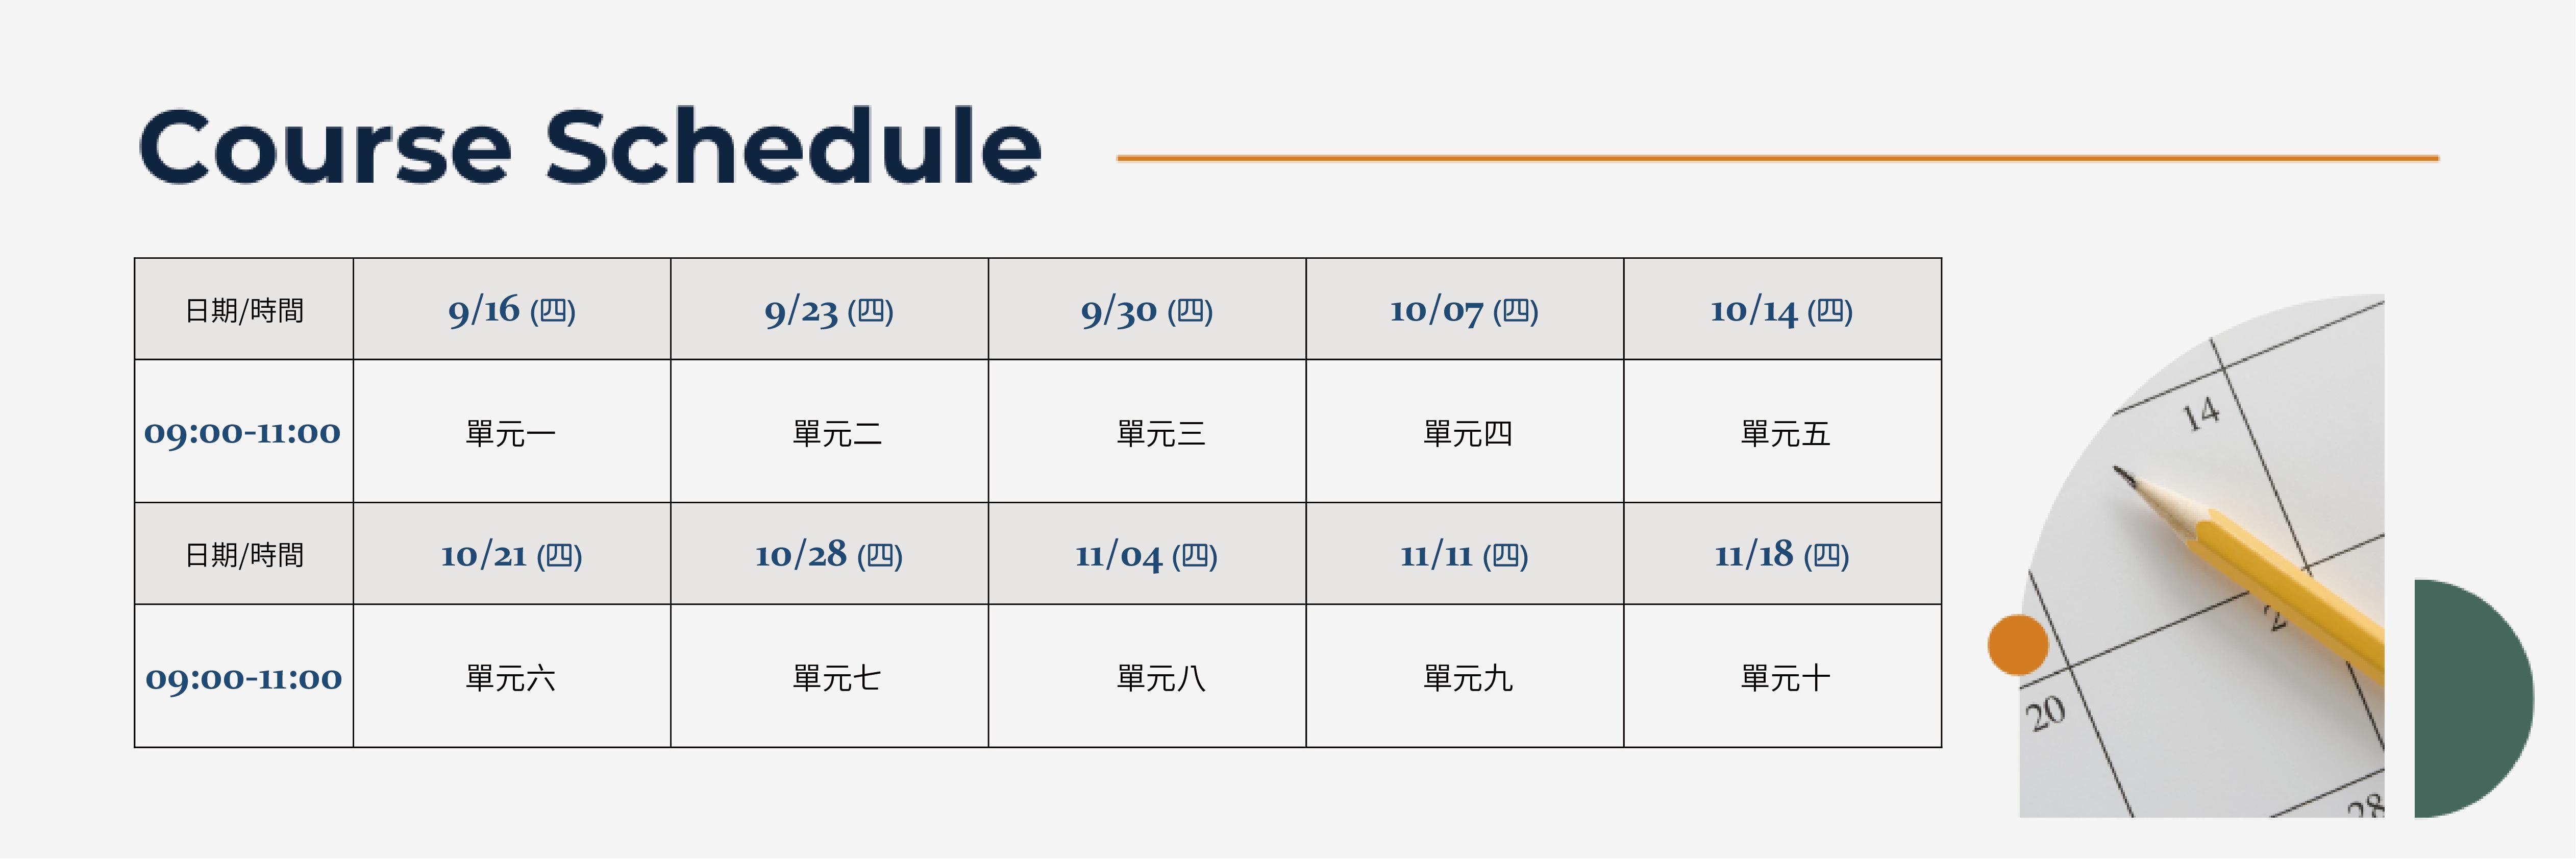 2021中階online course 課表 嘉義班R